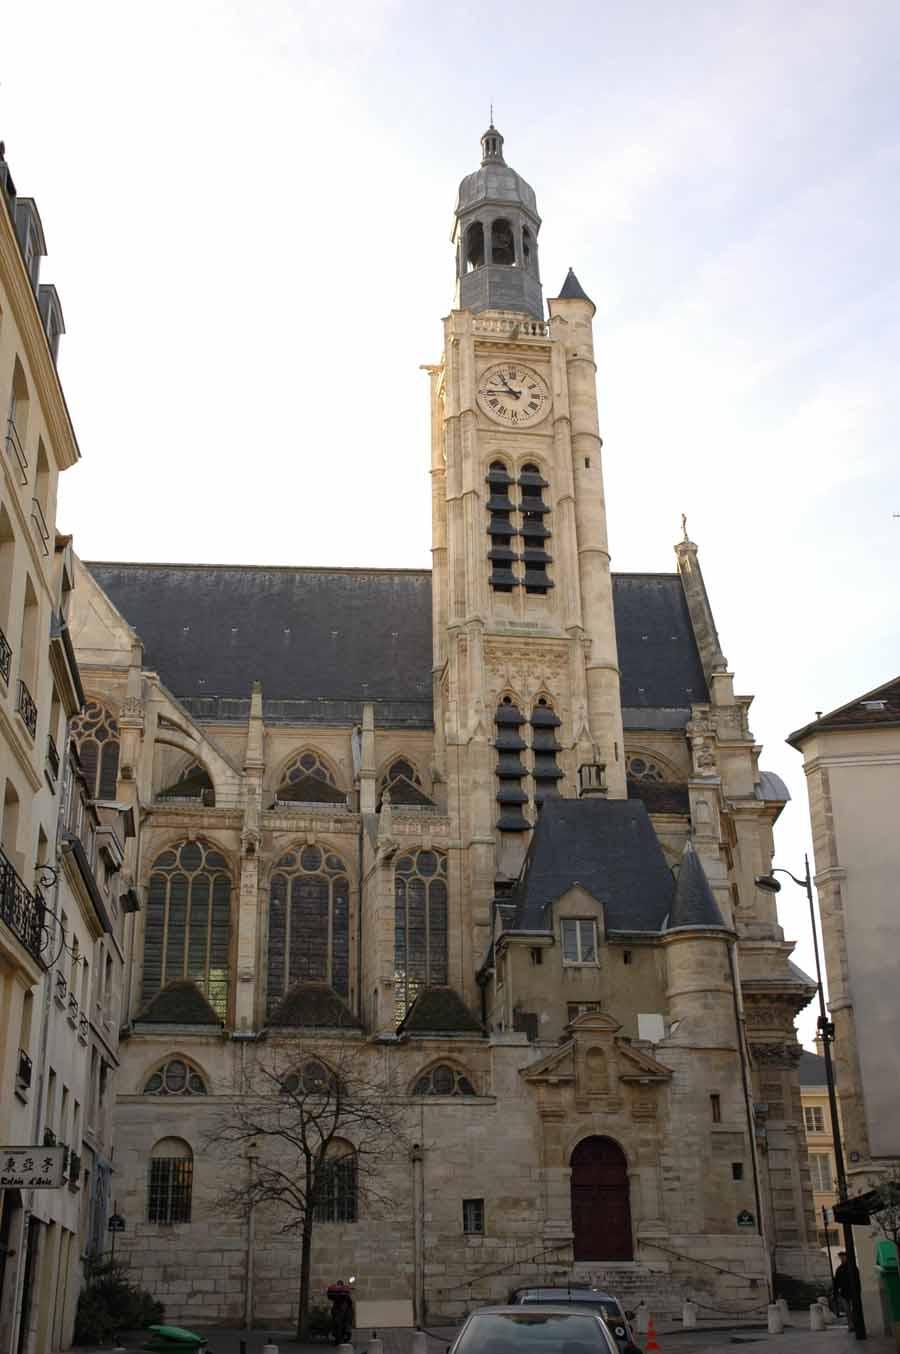 Le clocher de l'église